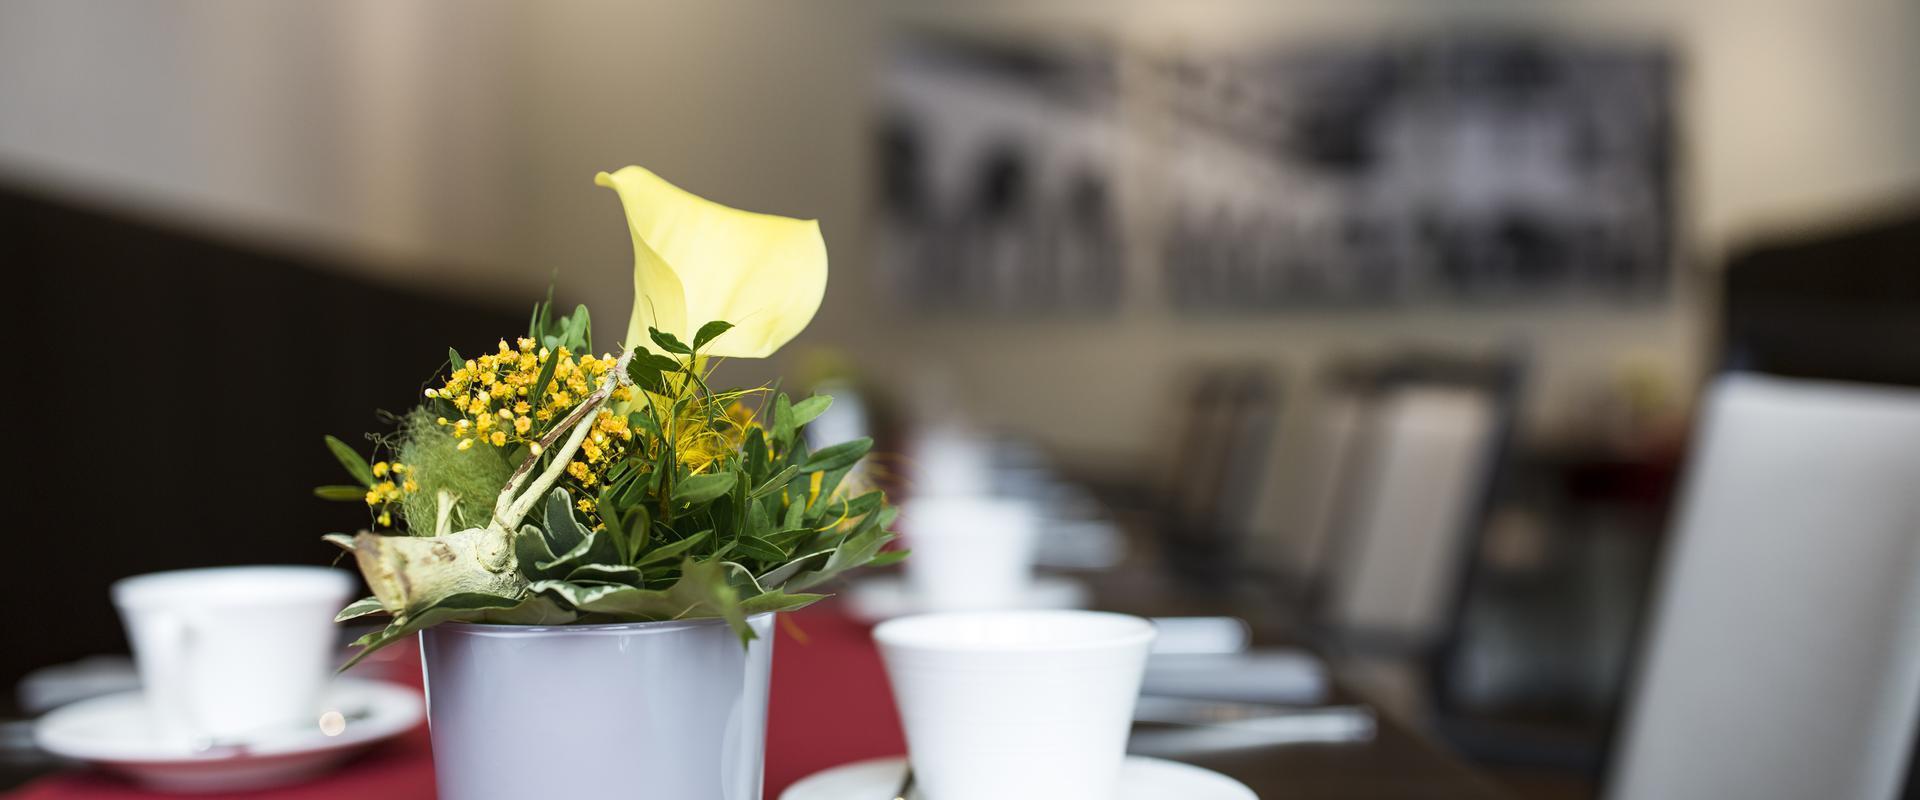 MEDIAN Klinik Leben und Wohnen Pflanze